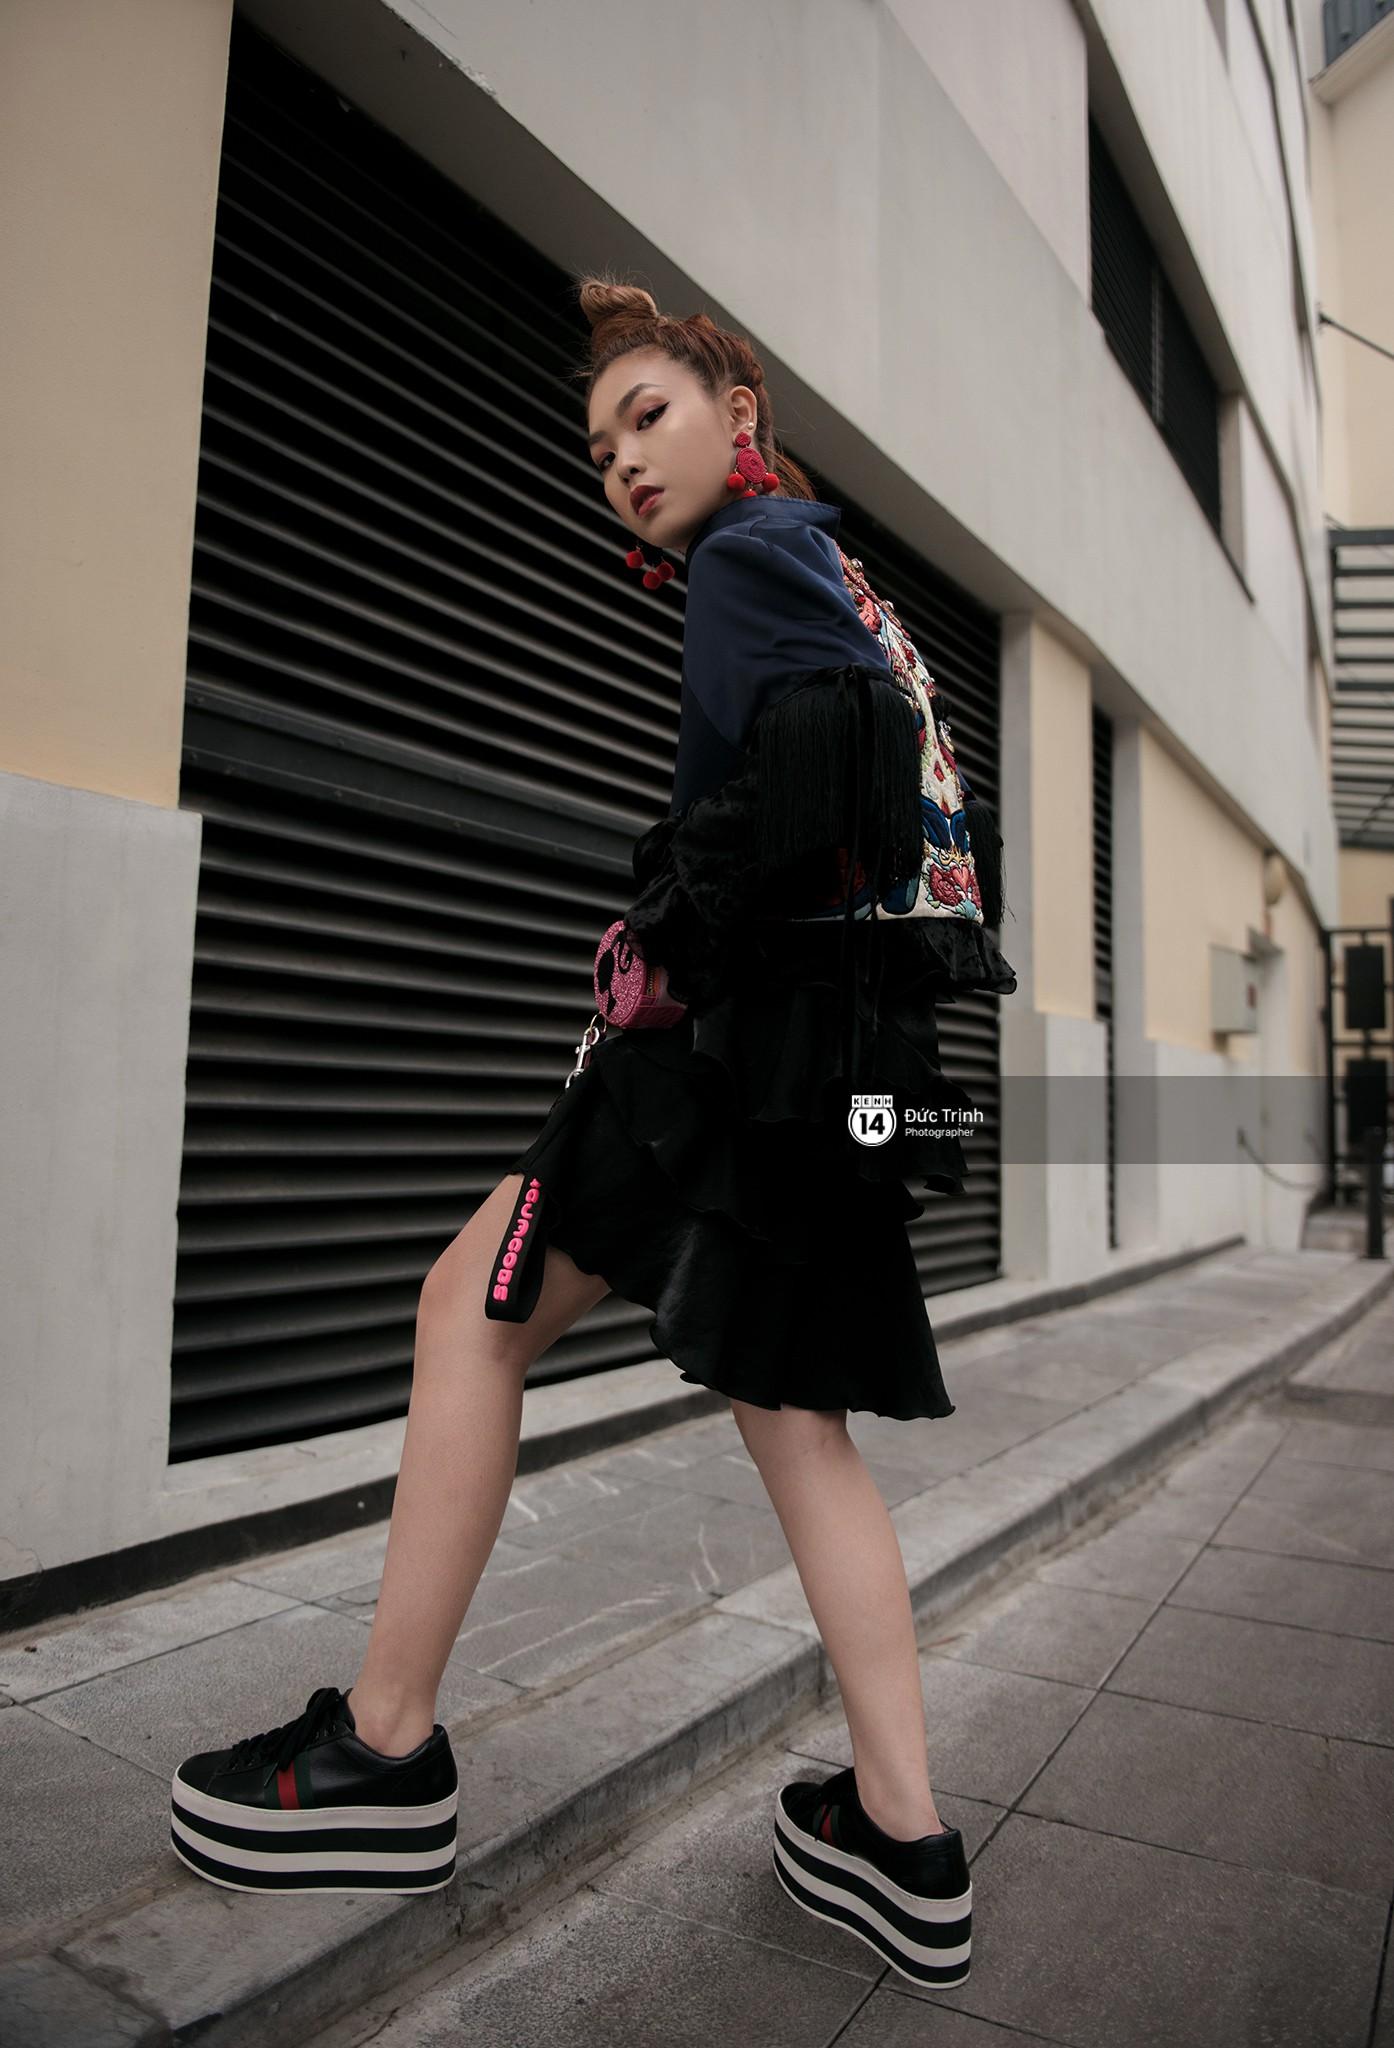 Giới trẻ 2 miền chinh phục loạt hot trend, khoe street style siêu cool và thời thượng ngắm là mê - Ảnh 12.